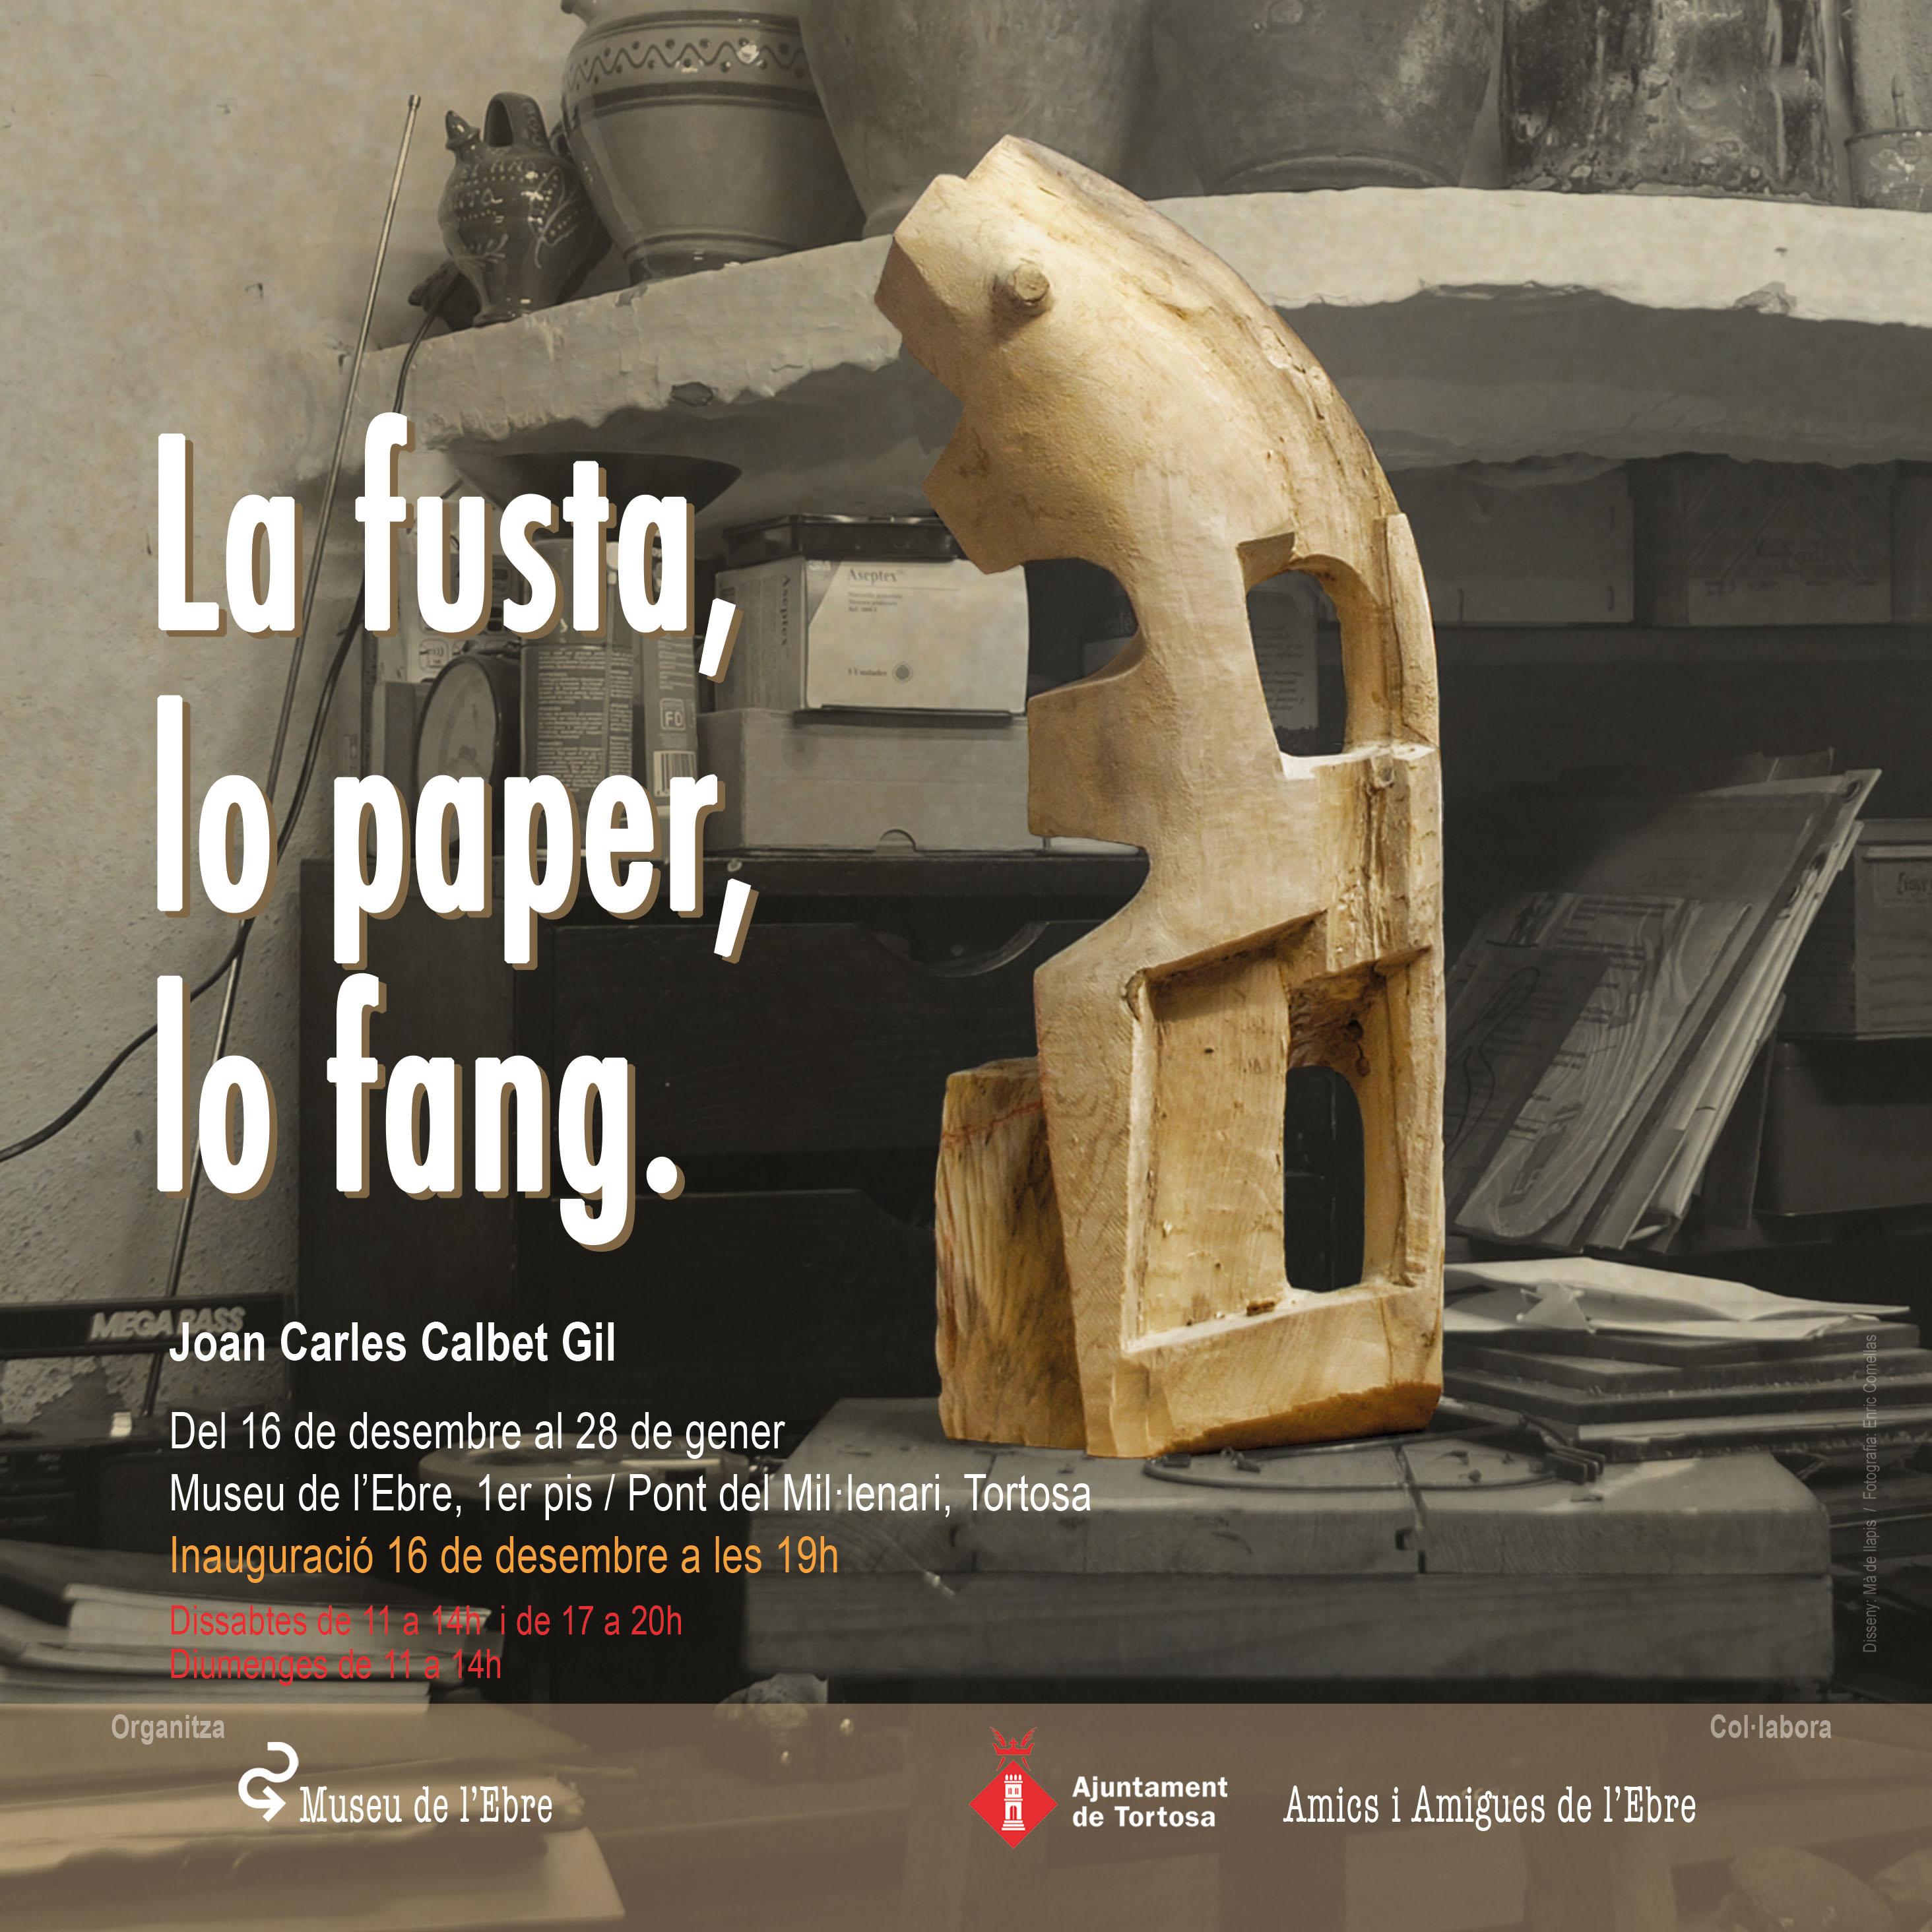 La fusta, lo paper, lo fang